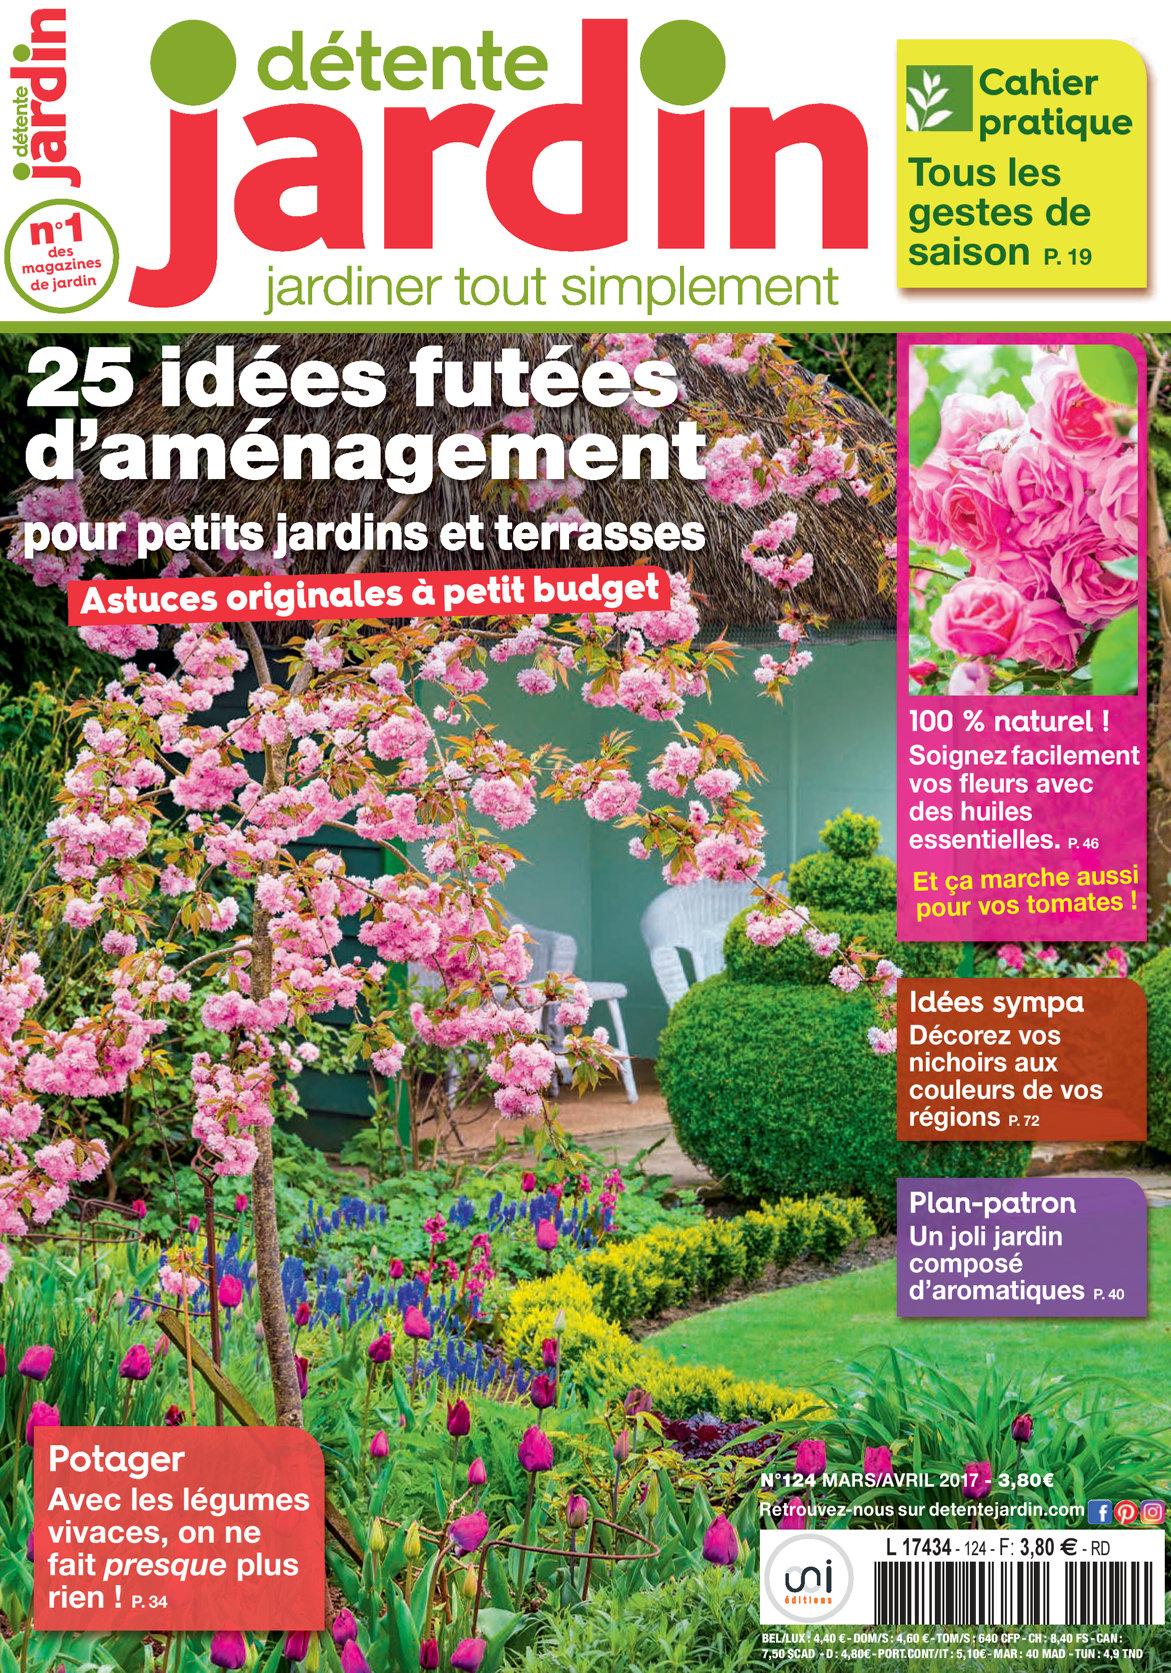 Détente Jardin N° 124 intérieur Détente Jardin Magazine